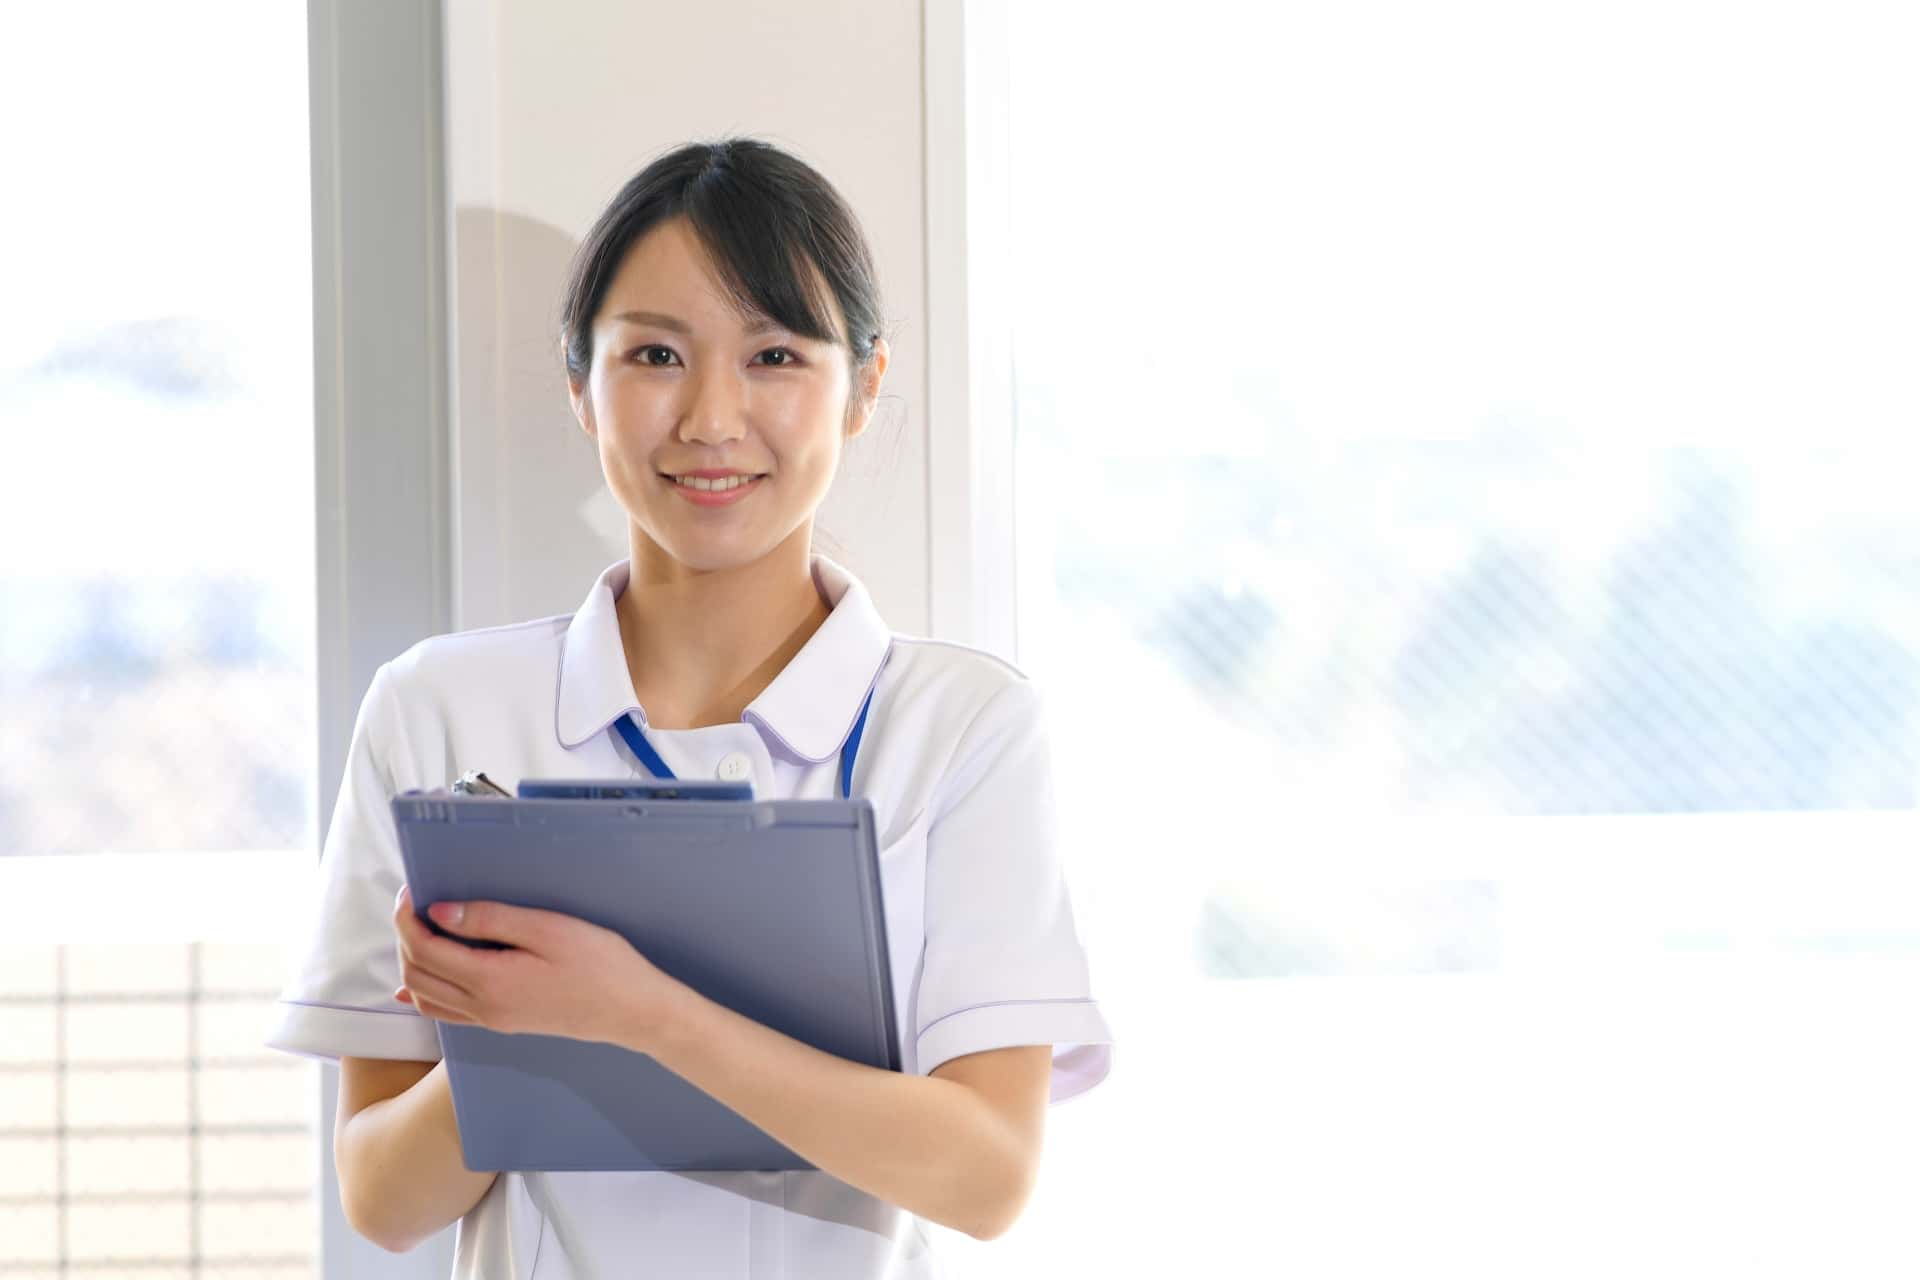 医療事務を担当する女性